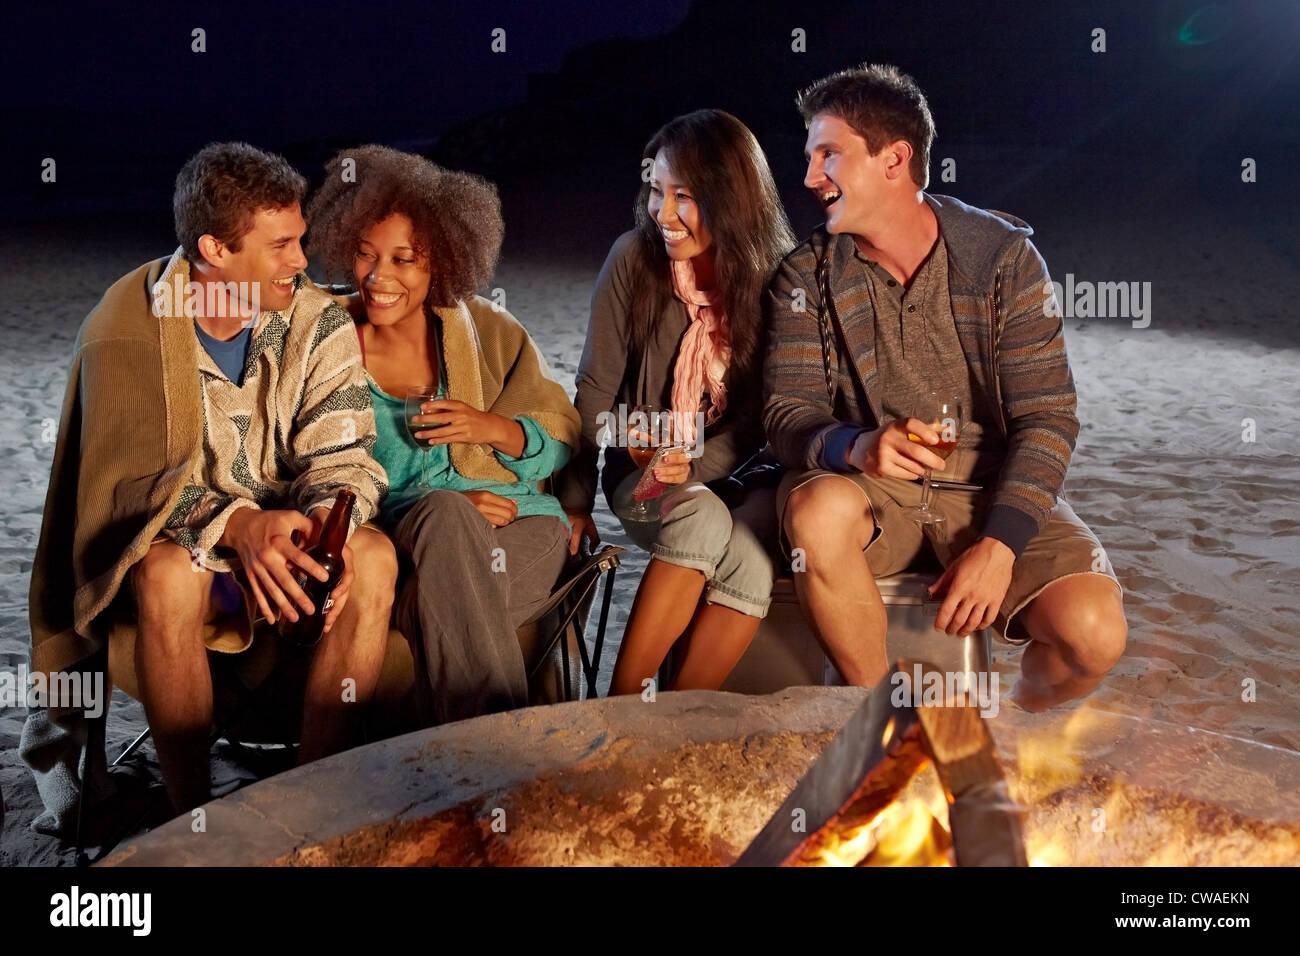 Amici avente una festa sulla spiaggia di notte Immagini Stock